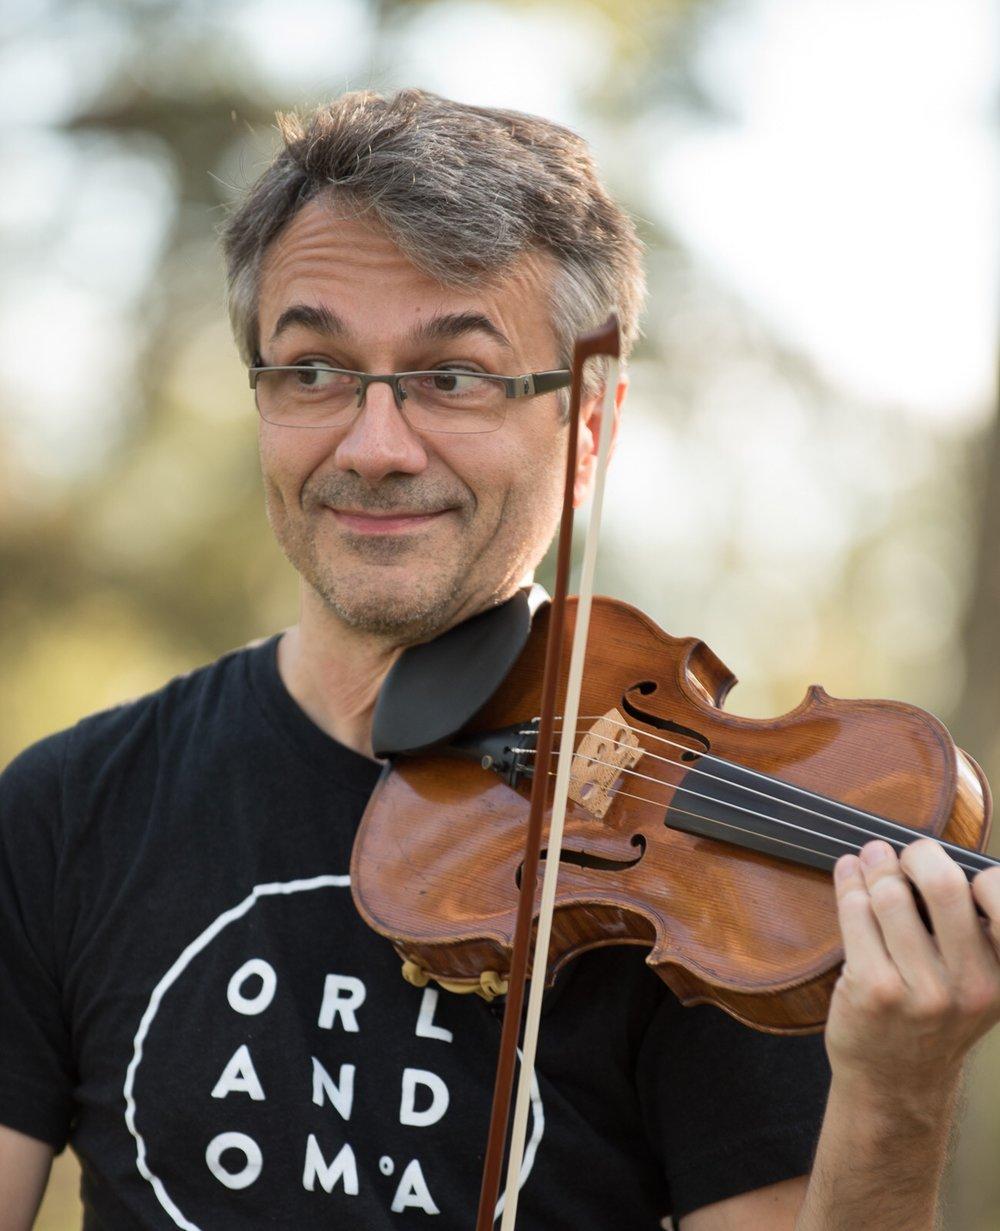 Andreas Volmer - Violin